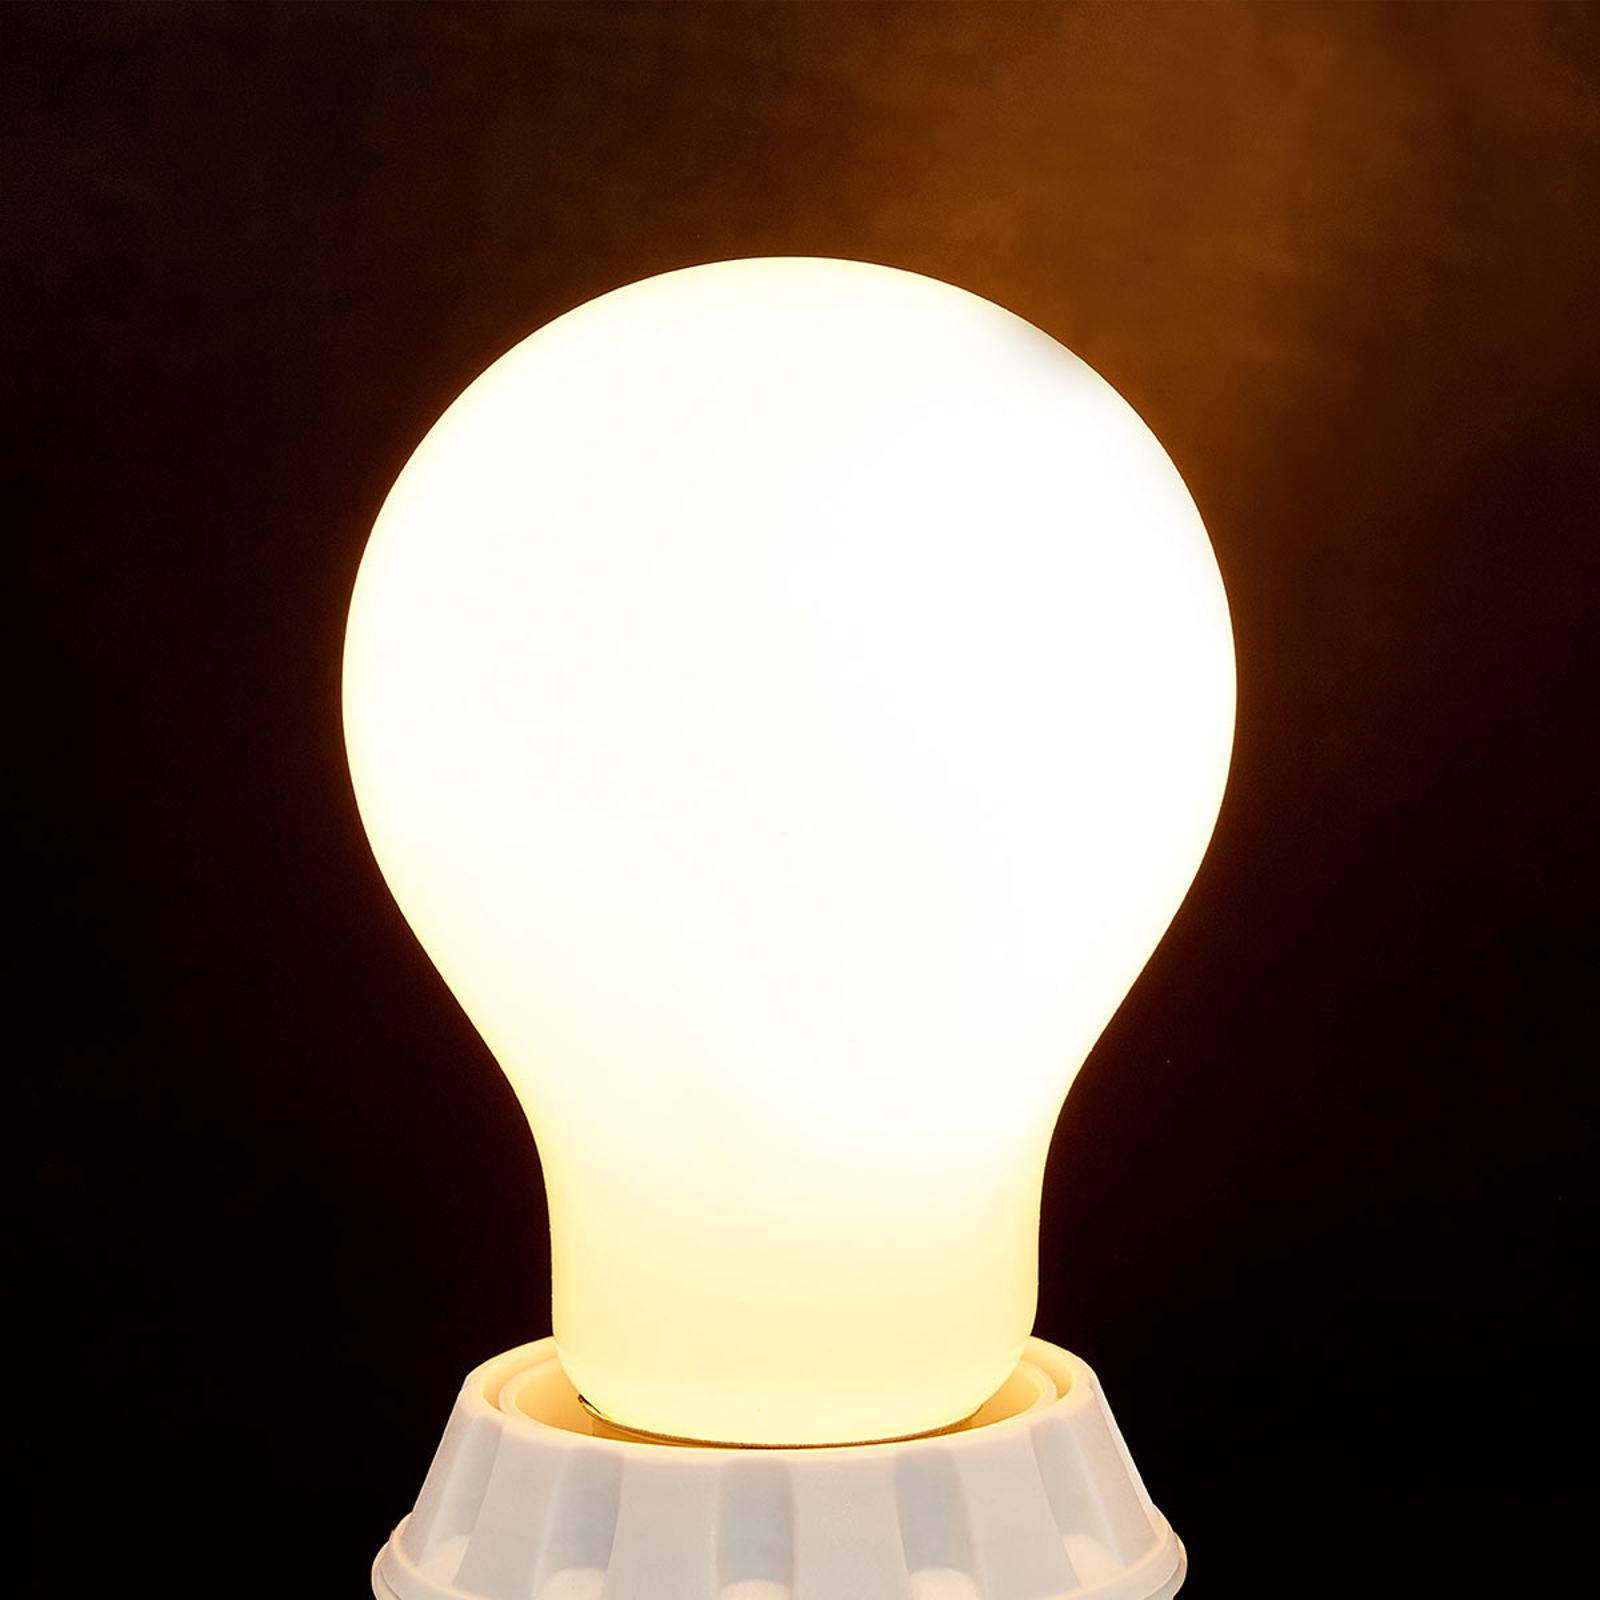 E27 LED-pære 7W, 806Lm, 2.700K, opal